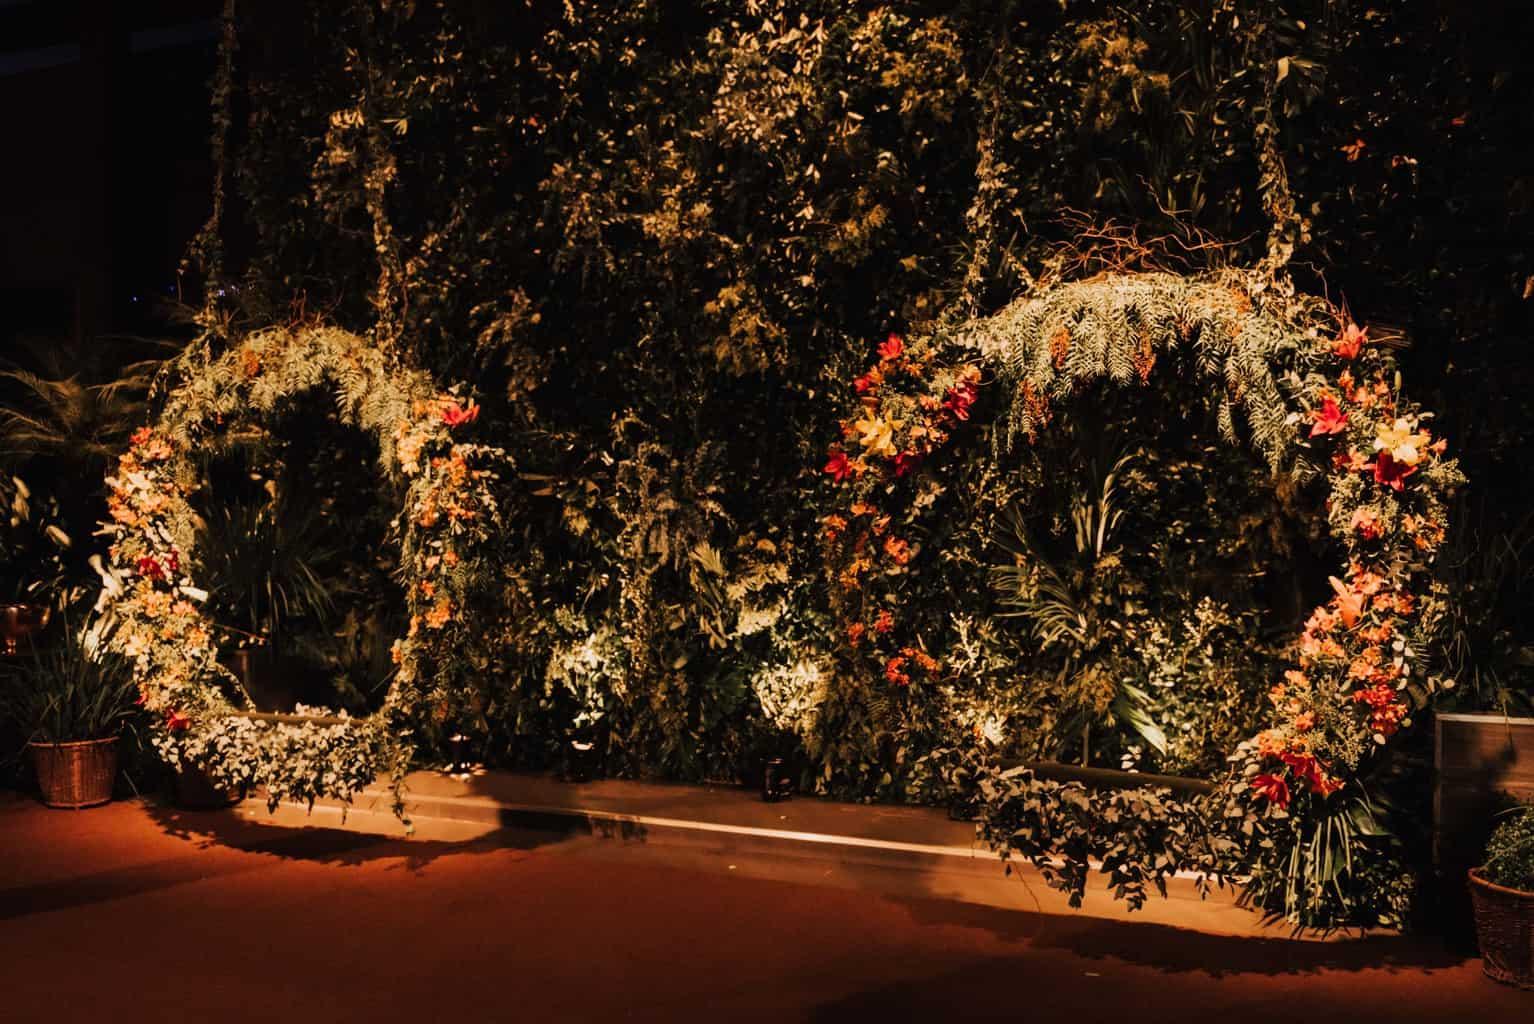 Braulio-Delai-casamento-Luciana-e-Eduardo-Cerimonial-Sandra-Colin-decoracao-contemporanea-Fotografia-Mana-Gollo-Igreja-Santa-Terezinha-e-Espaço-Klaine18